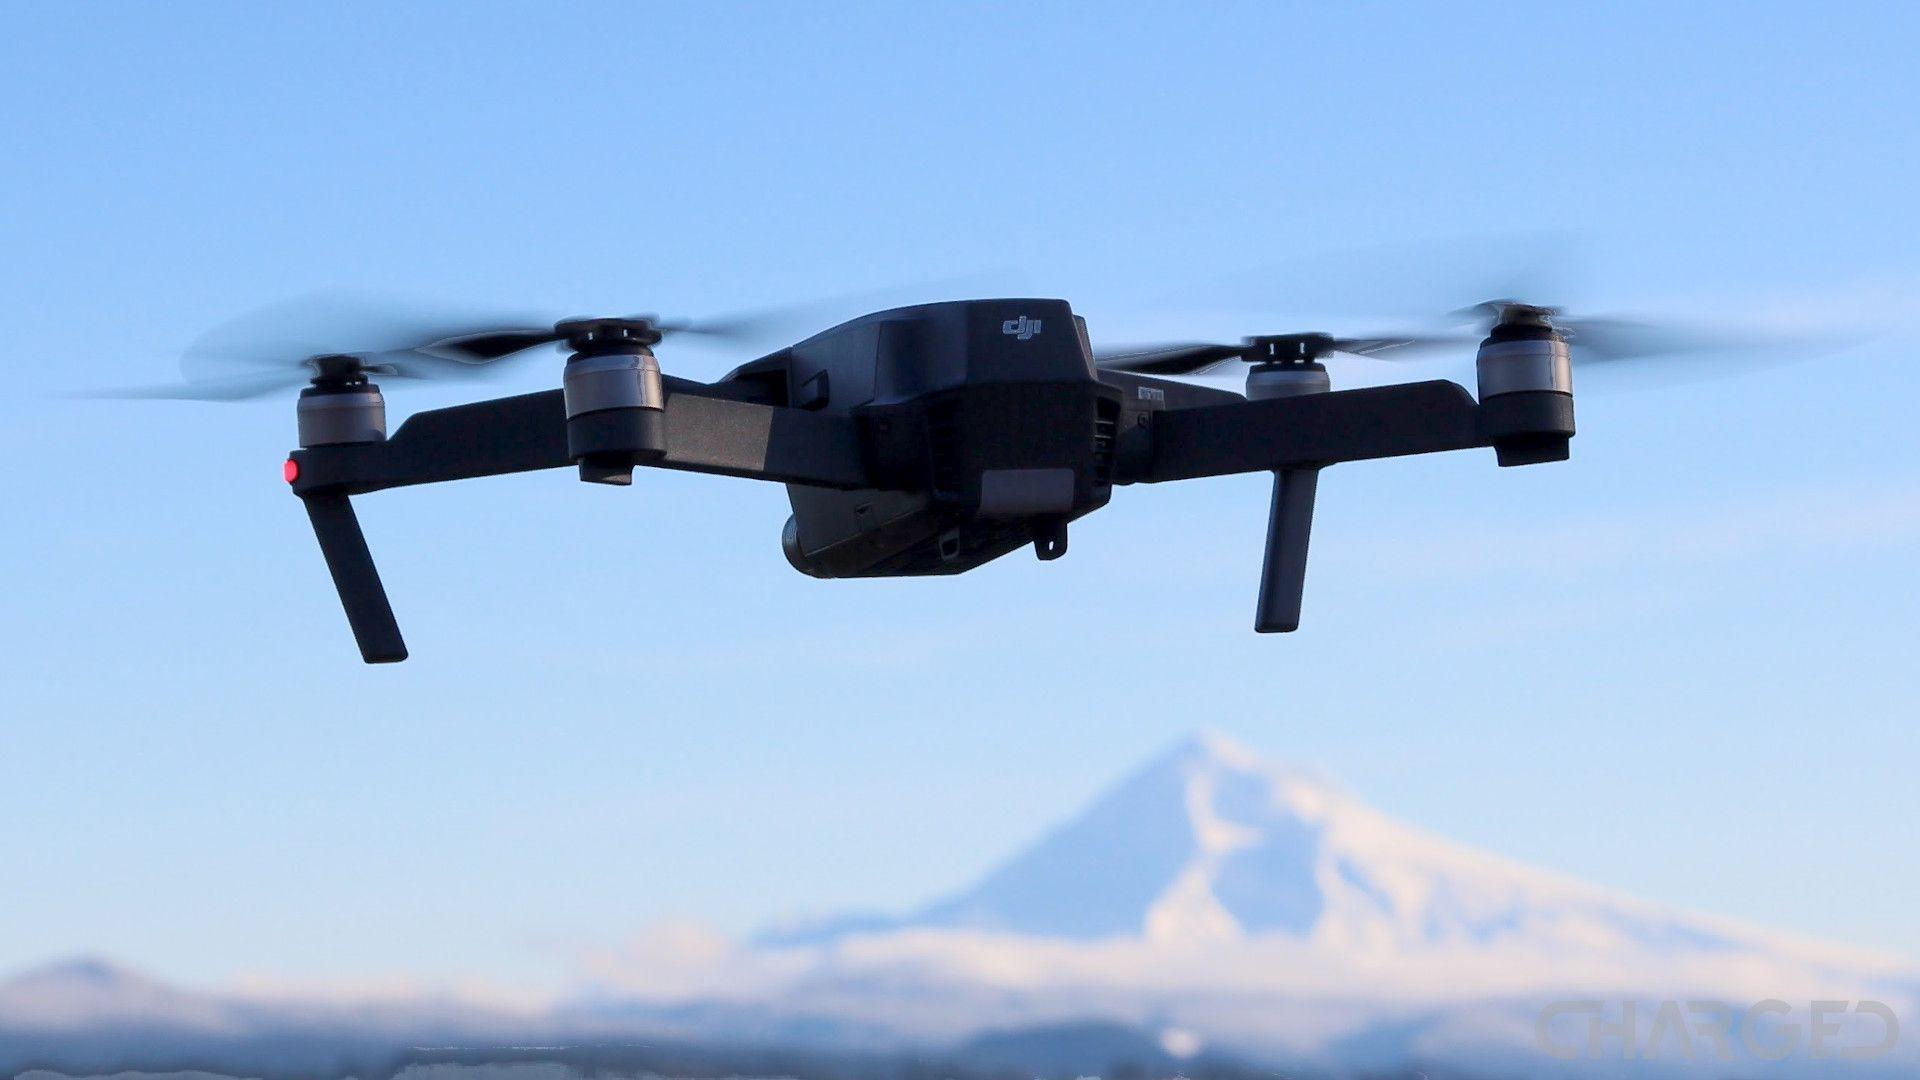 Drone wallpaper picture hd